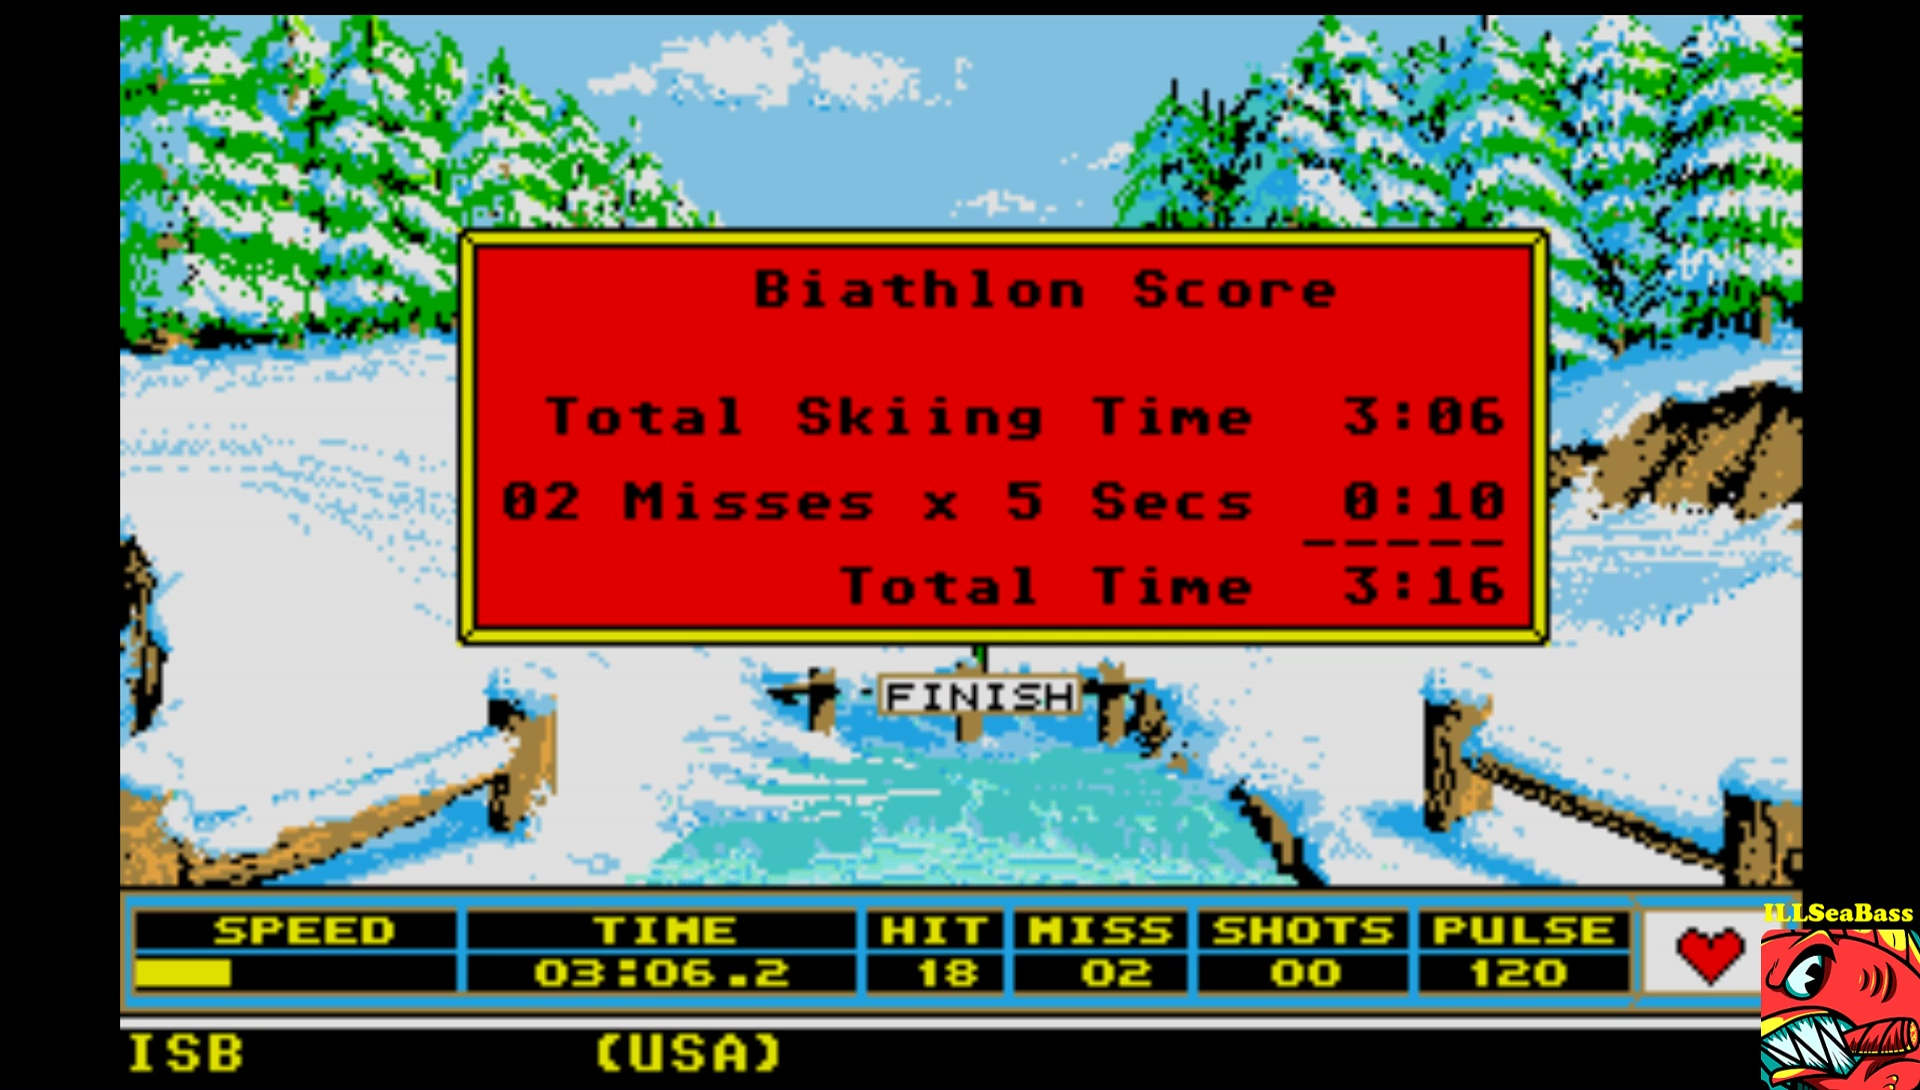 ILLSeaBass: Winter Games: Biathlon (Atari ST Emulated) 0:03:16 points on 2017-03-05 01:06:02